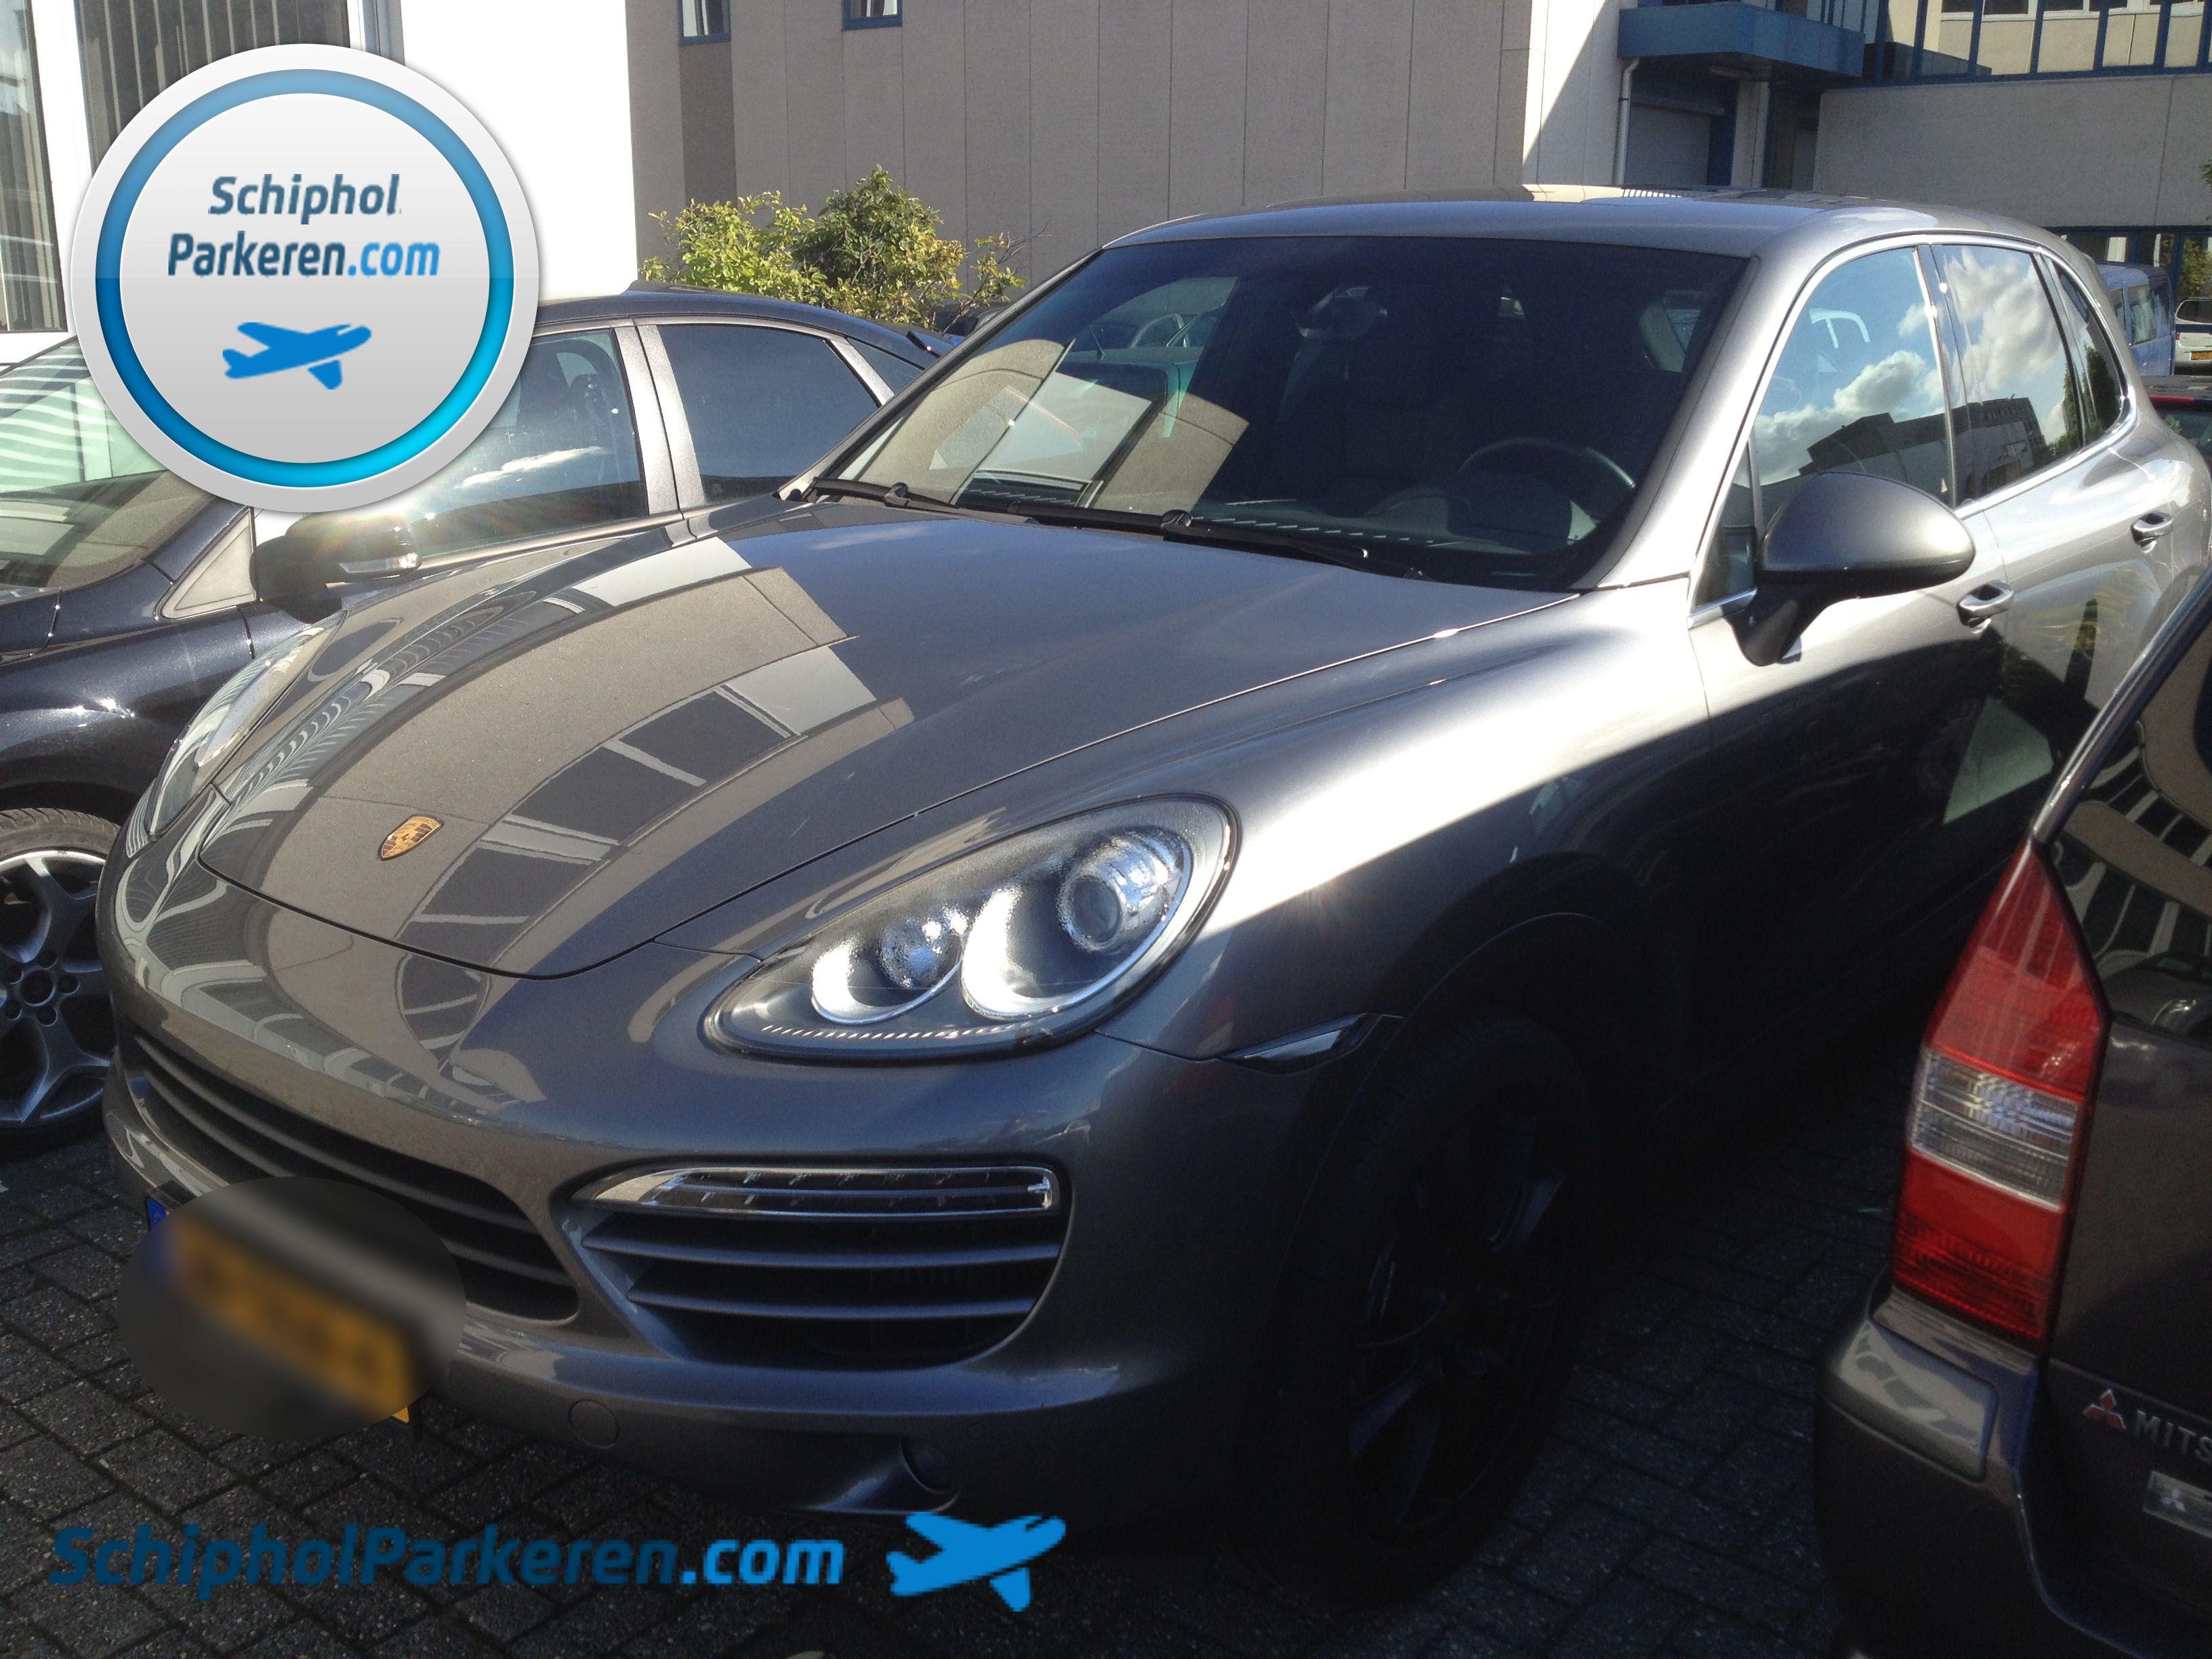 Schiphol Parkeren. Ook voor uw Porsche Cayenne. Snel, vertrouwd en goedkoop parkeren bij Schiphol. Check: http://www.schipholparkeren.com